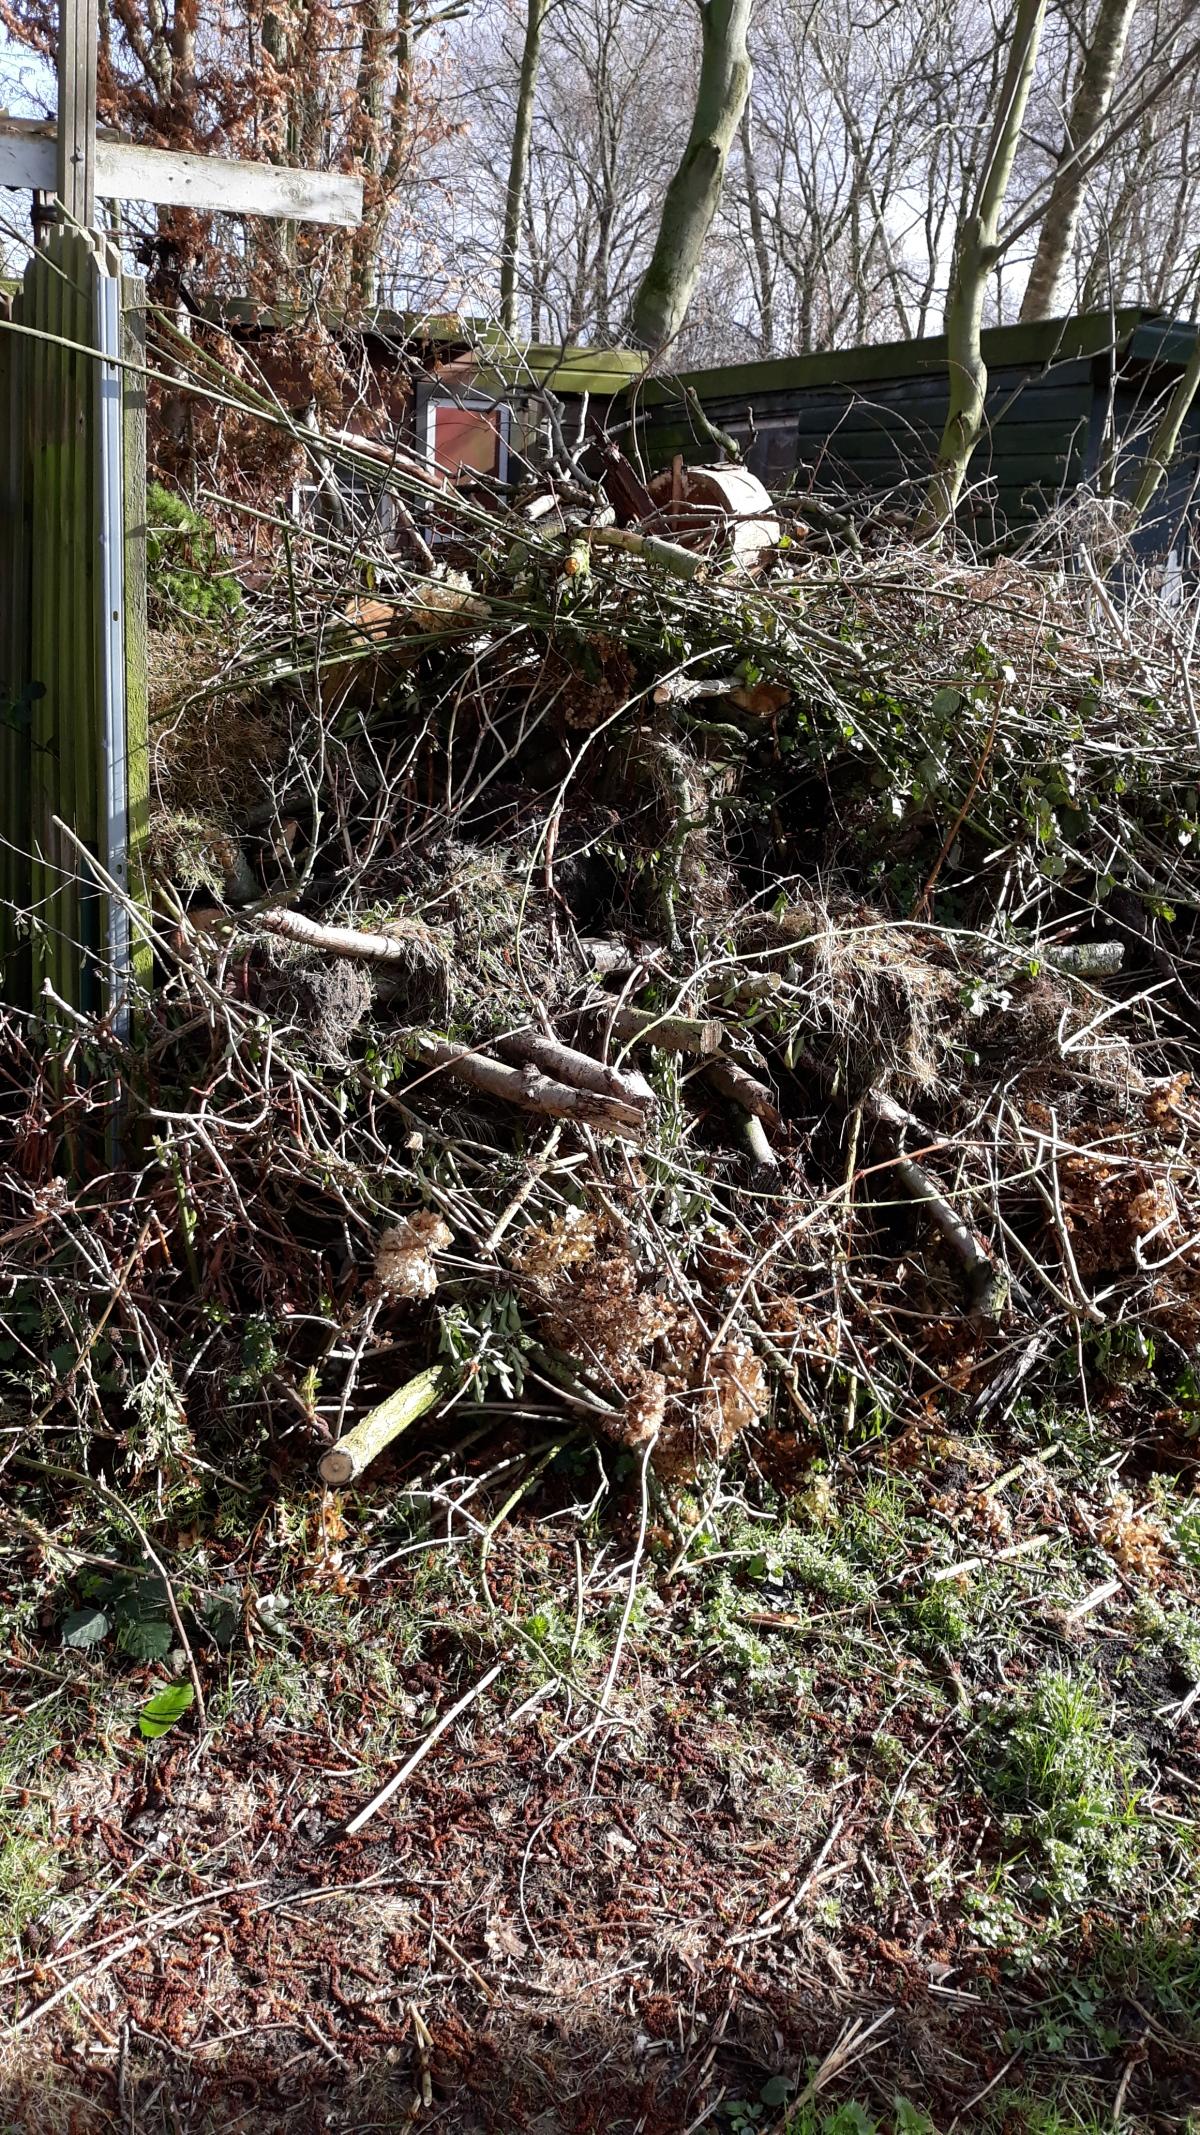 De stapel hout- en snoeiafval groeit uit deklauwen